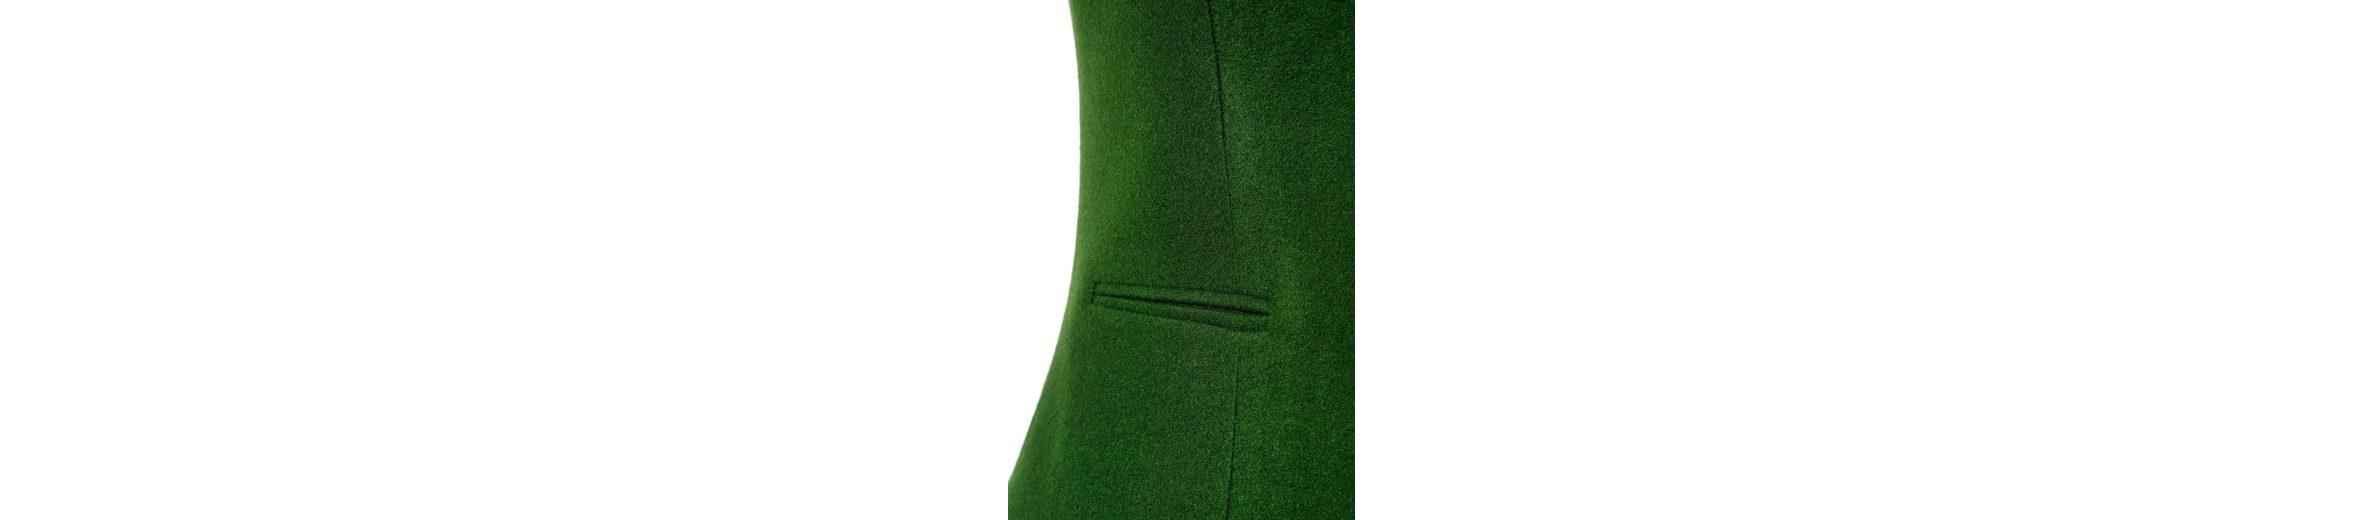 Spielraum Online Offizielle Seite Preiswerten Nagelneuen Unisex Hohenstaufen Trachtenweste Damen mit Paspeltaschen Online Gehen Authentisch Verkauf Zu Verkaufen Billig Authentisch p6F1Aesa